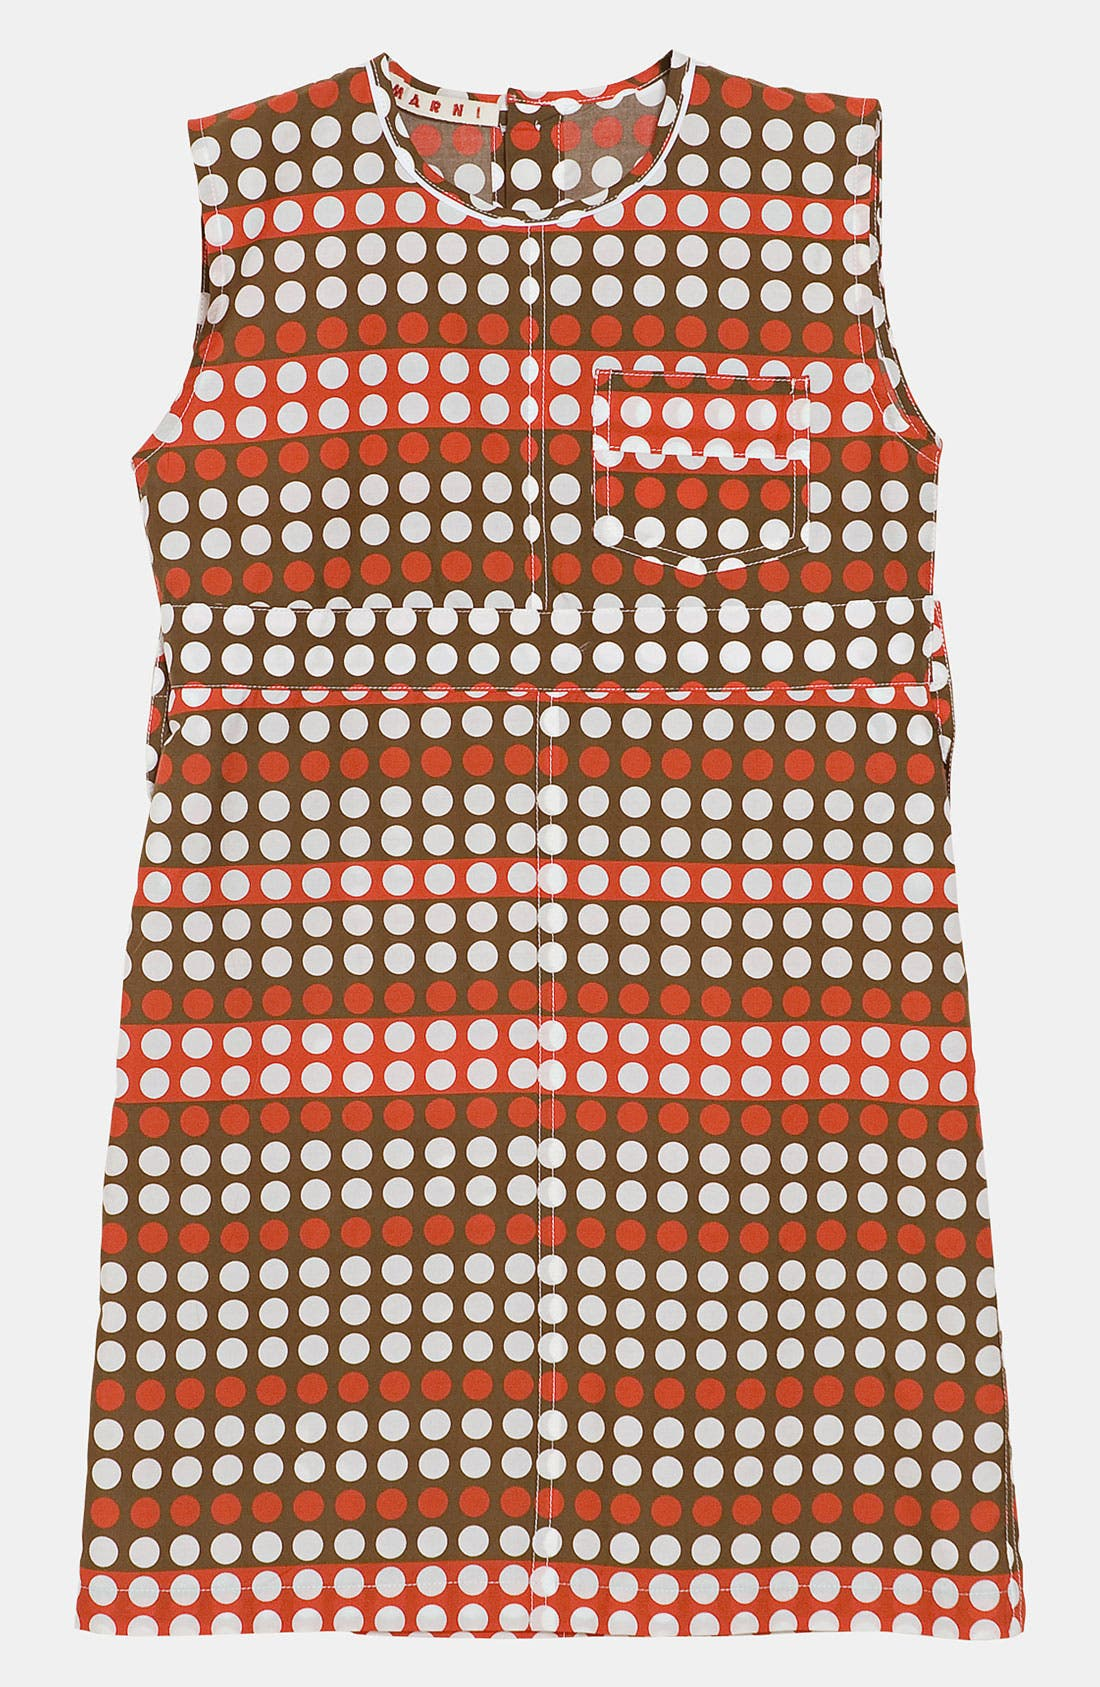 Alternate Image 1 Selected - Marni Polka Dot Dress (Little Girls & Big Girls)